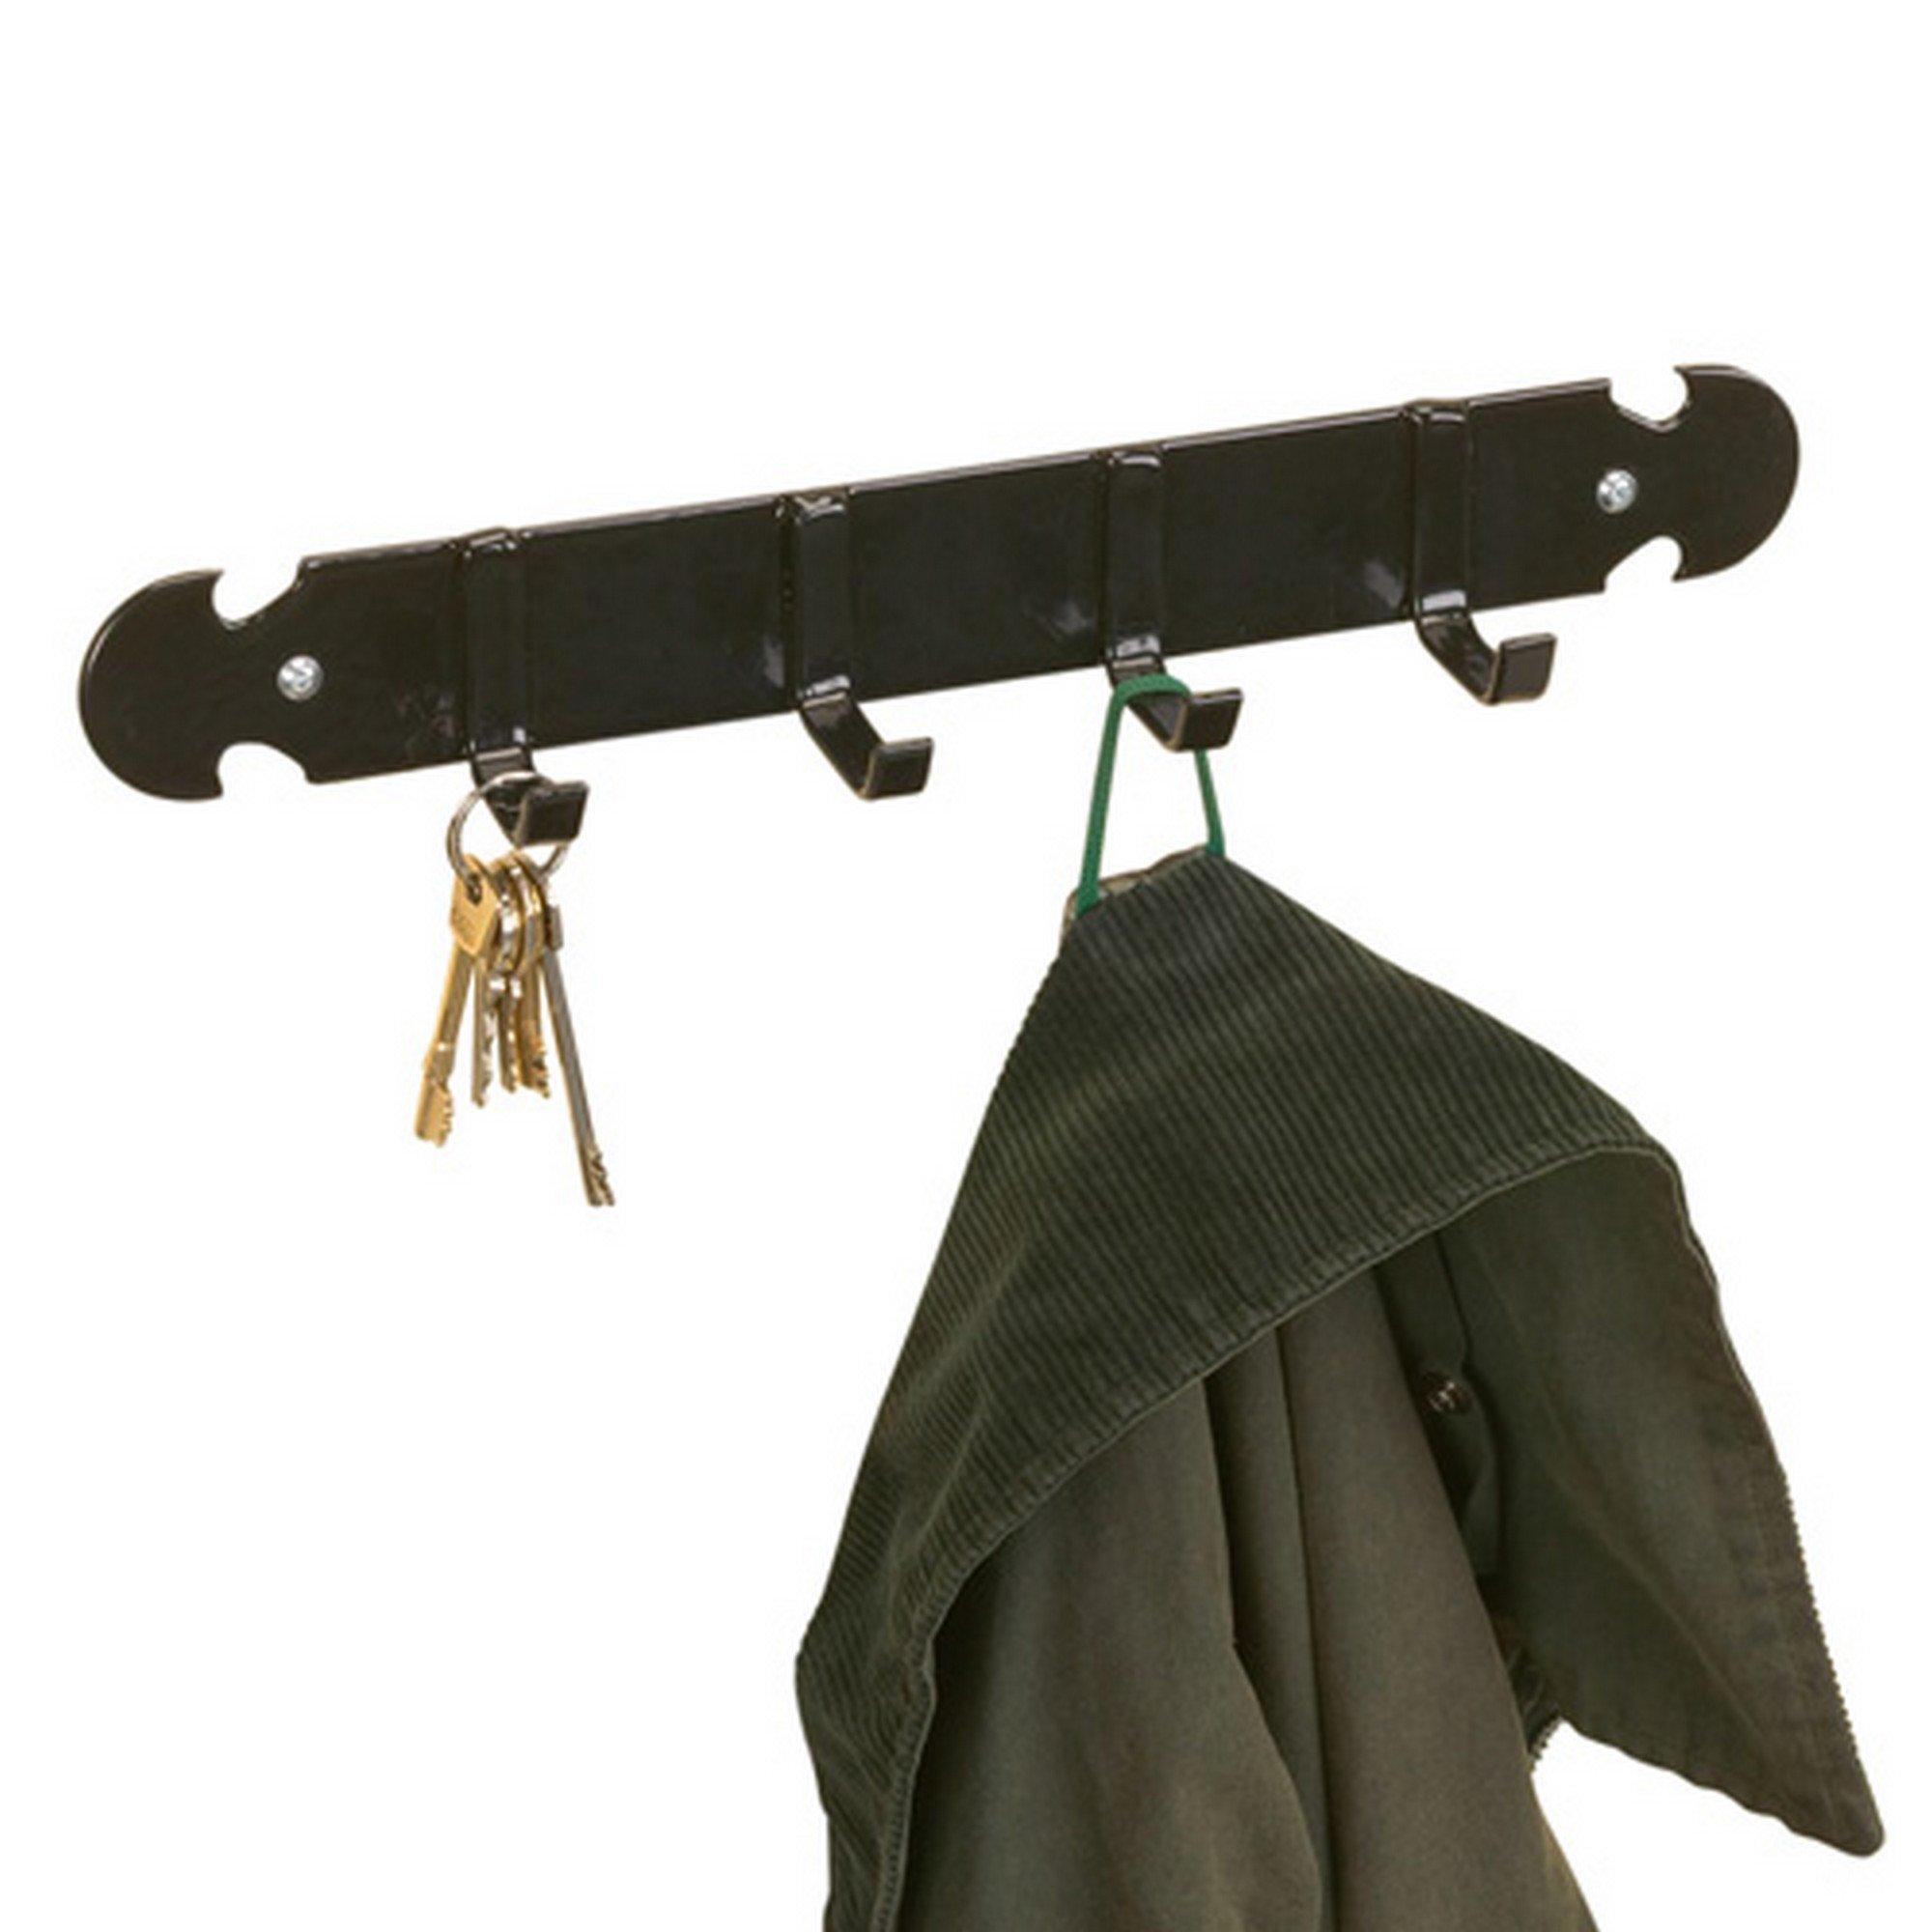 Stubbs Coat & Key Rack (2.4 x 15.4 x 2.4) (Black)